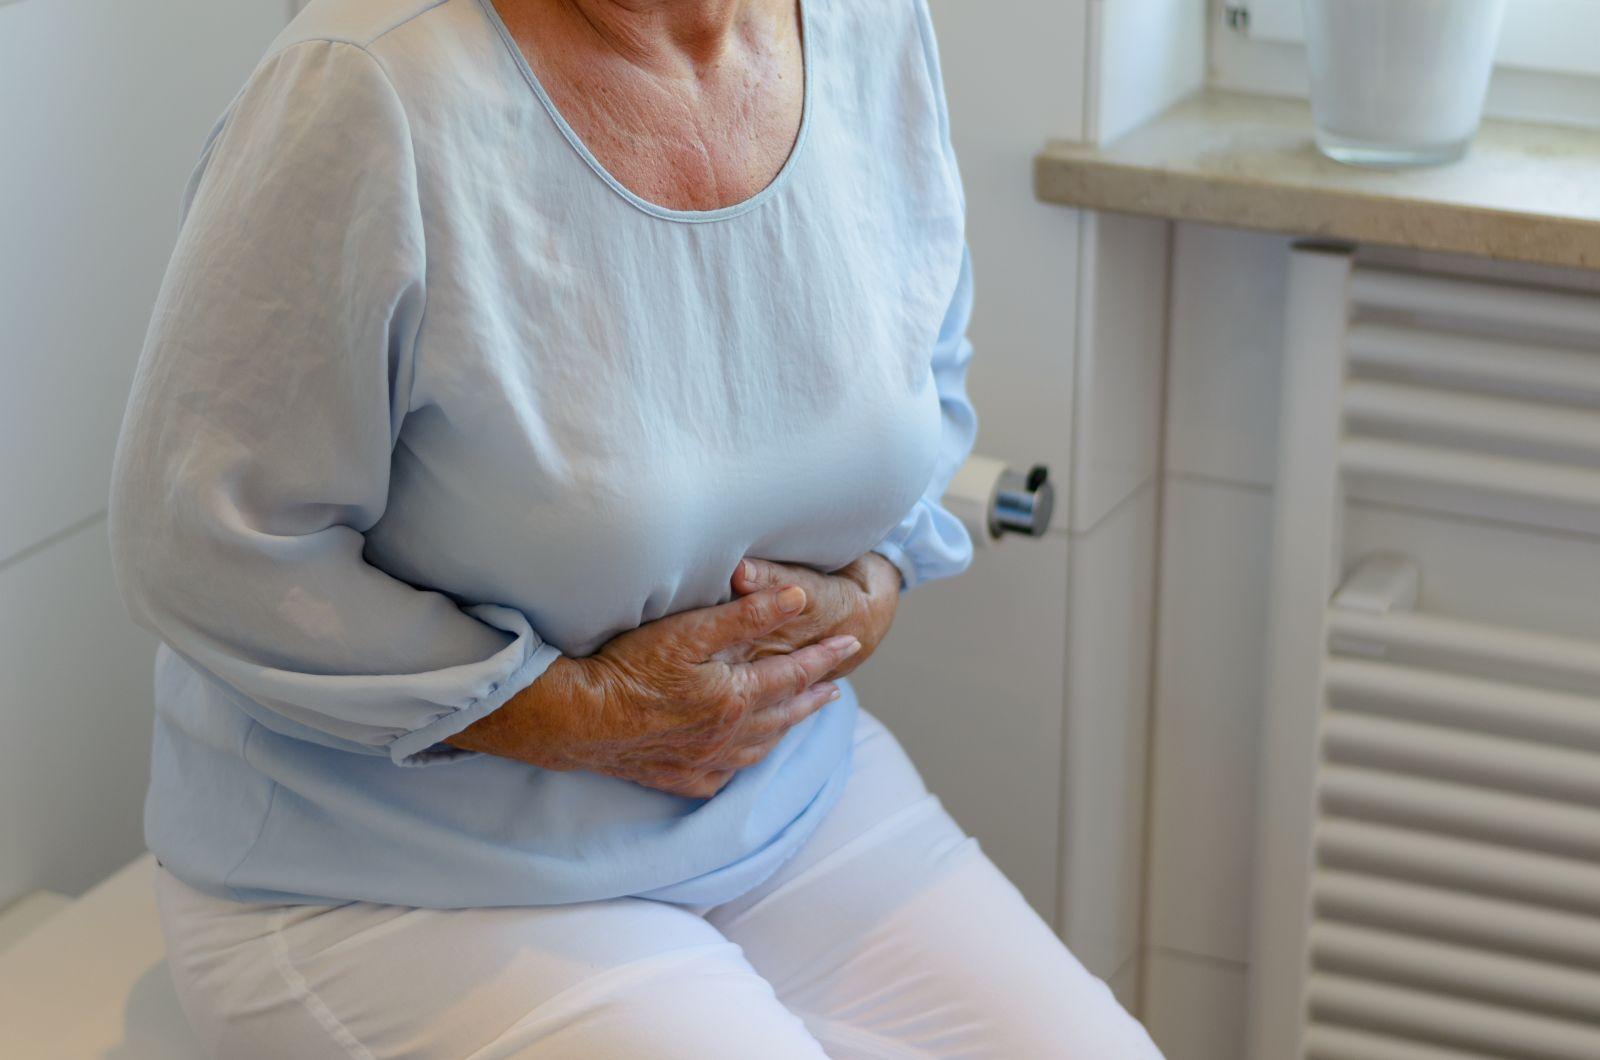 constipatia scaun dificultate durere